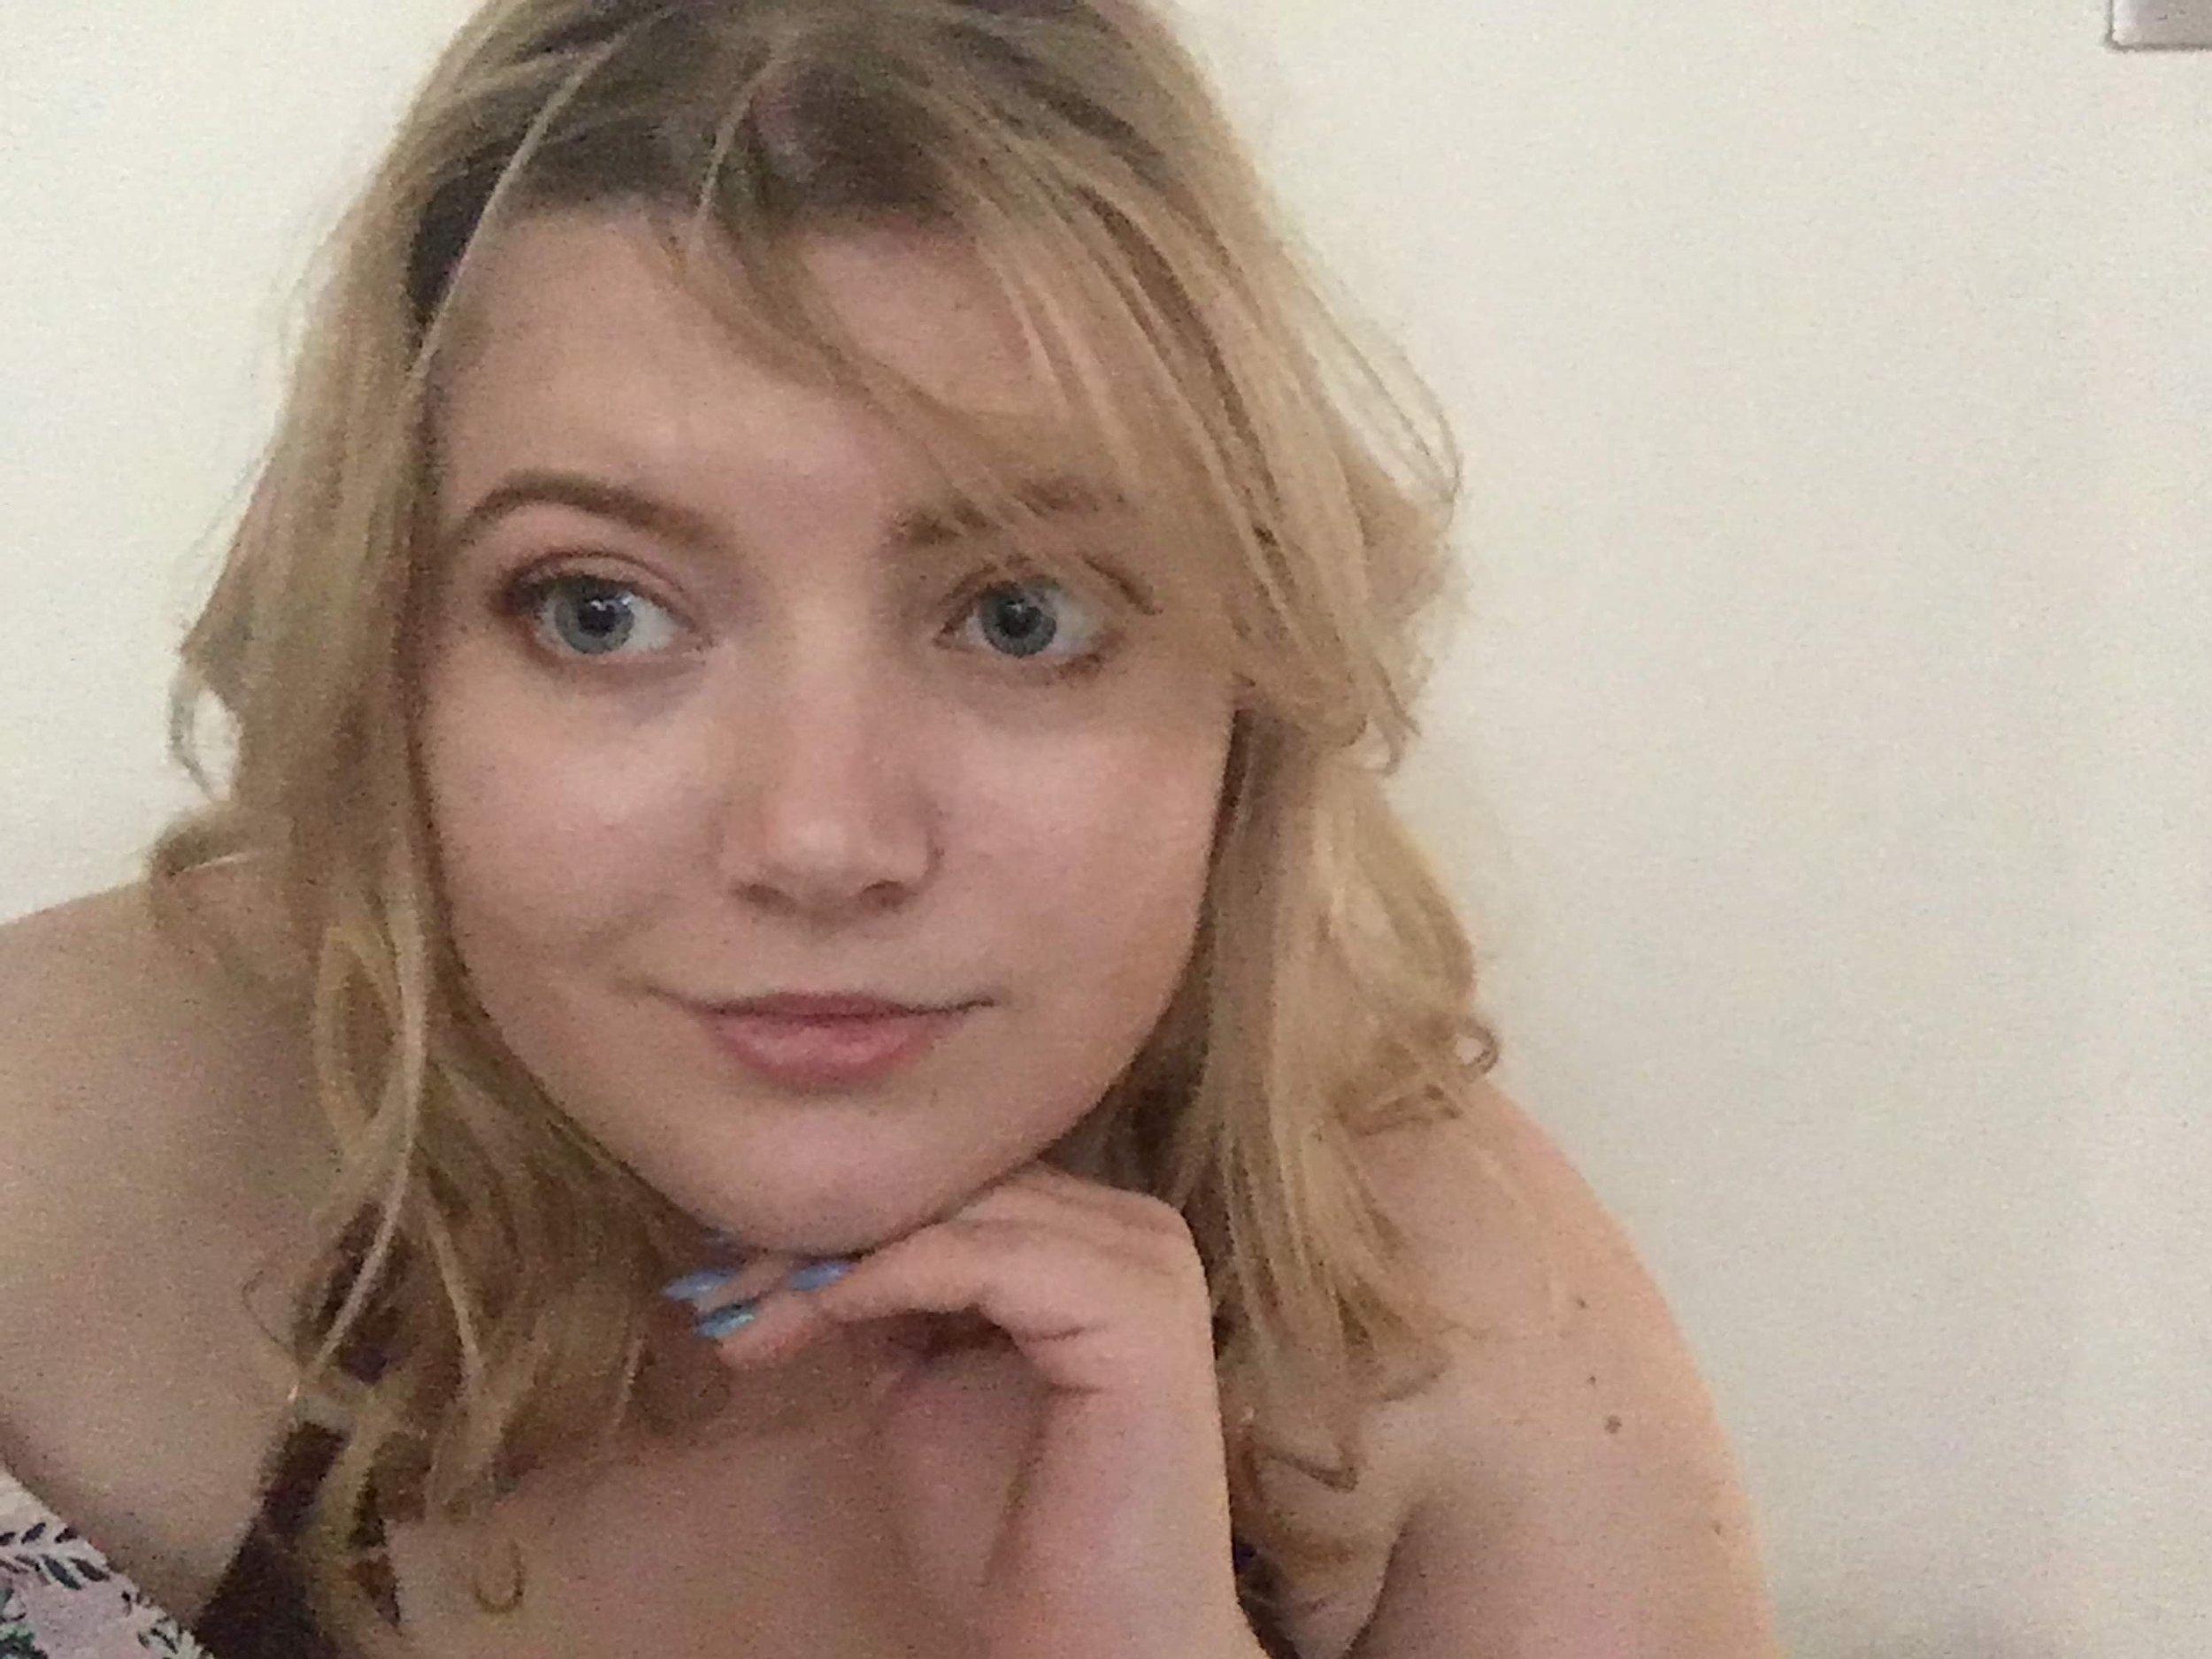 Dyed my hair blonde